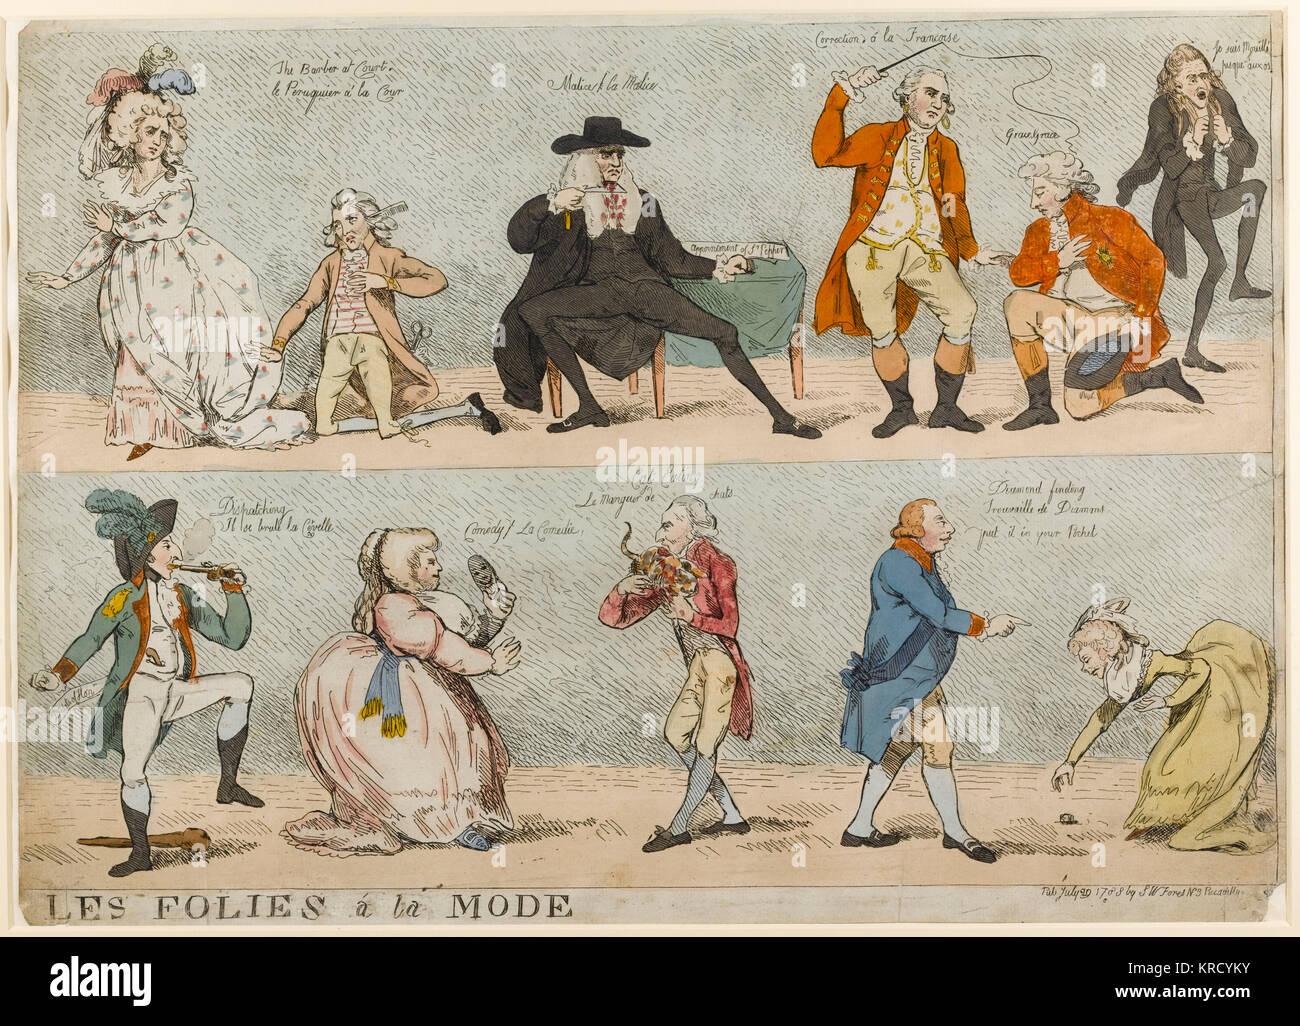 Dessin animé satirique, Les Folies à la mode, représentant des personnalités de la société Photo Stock